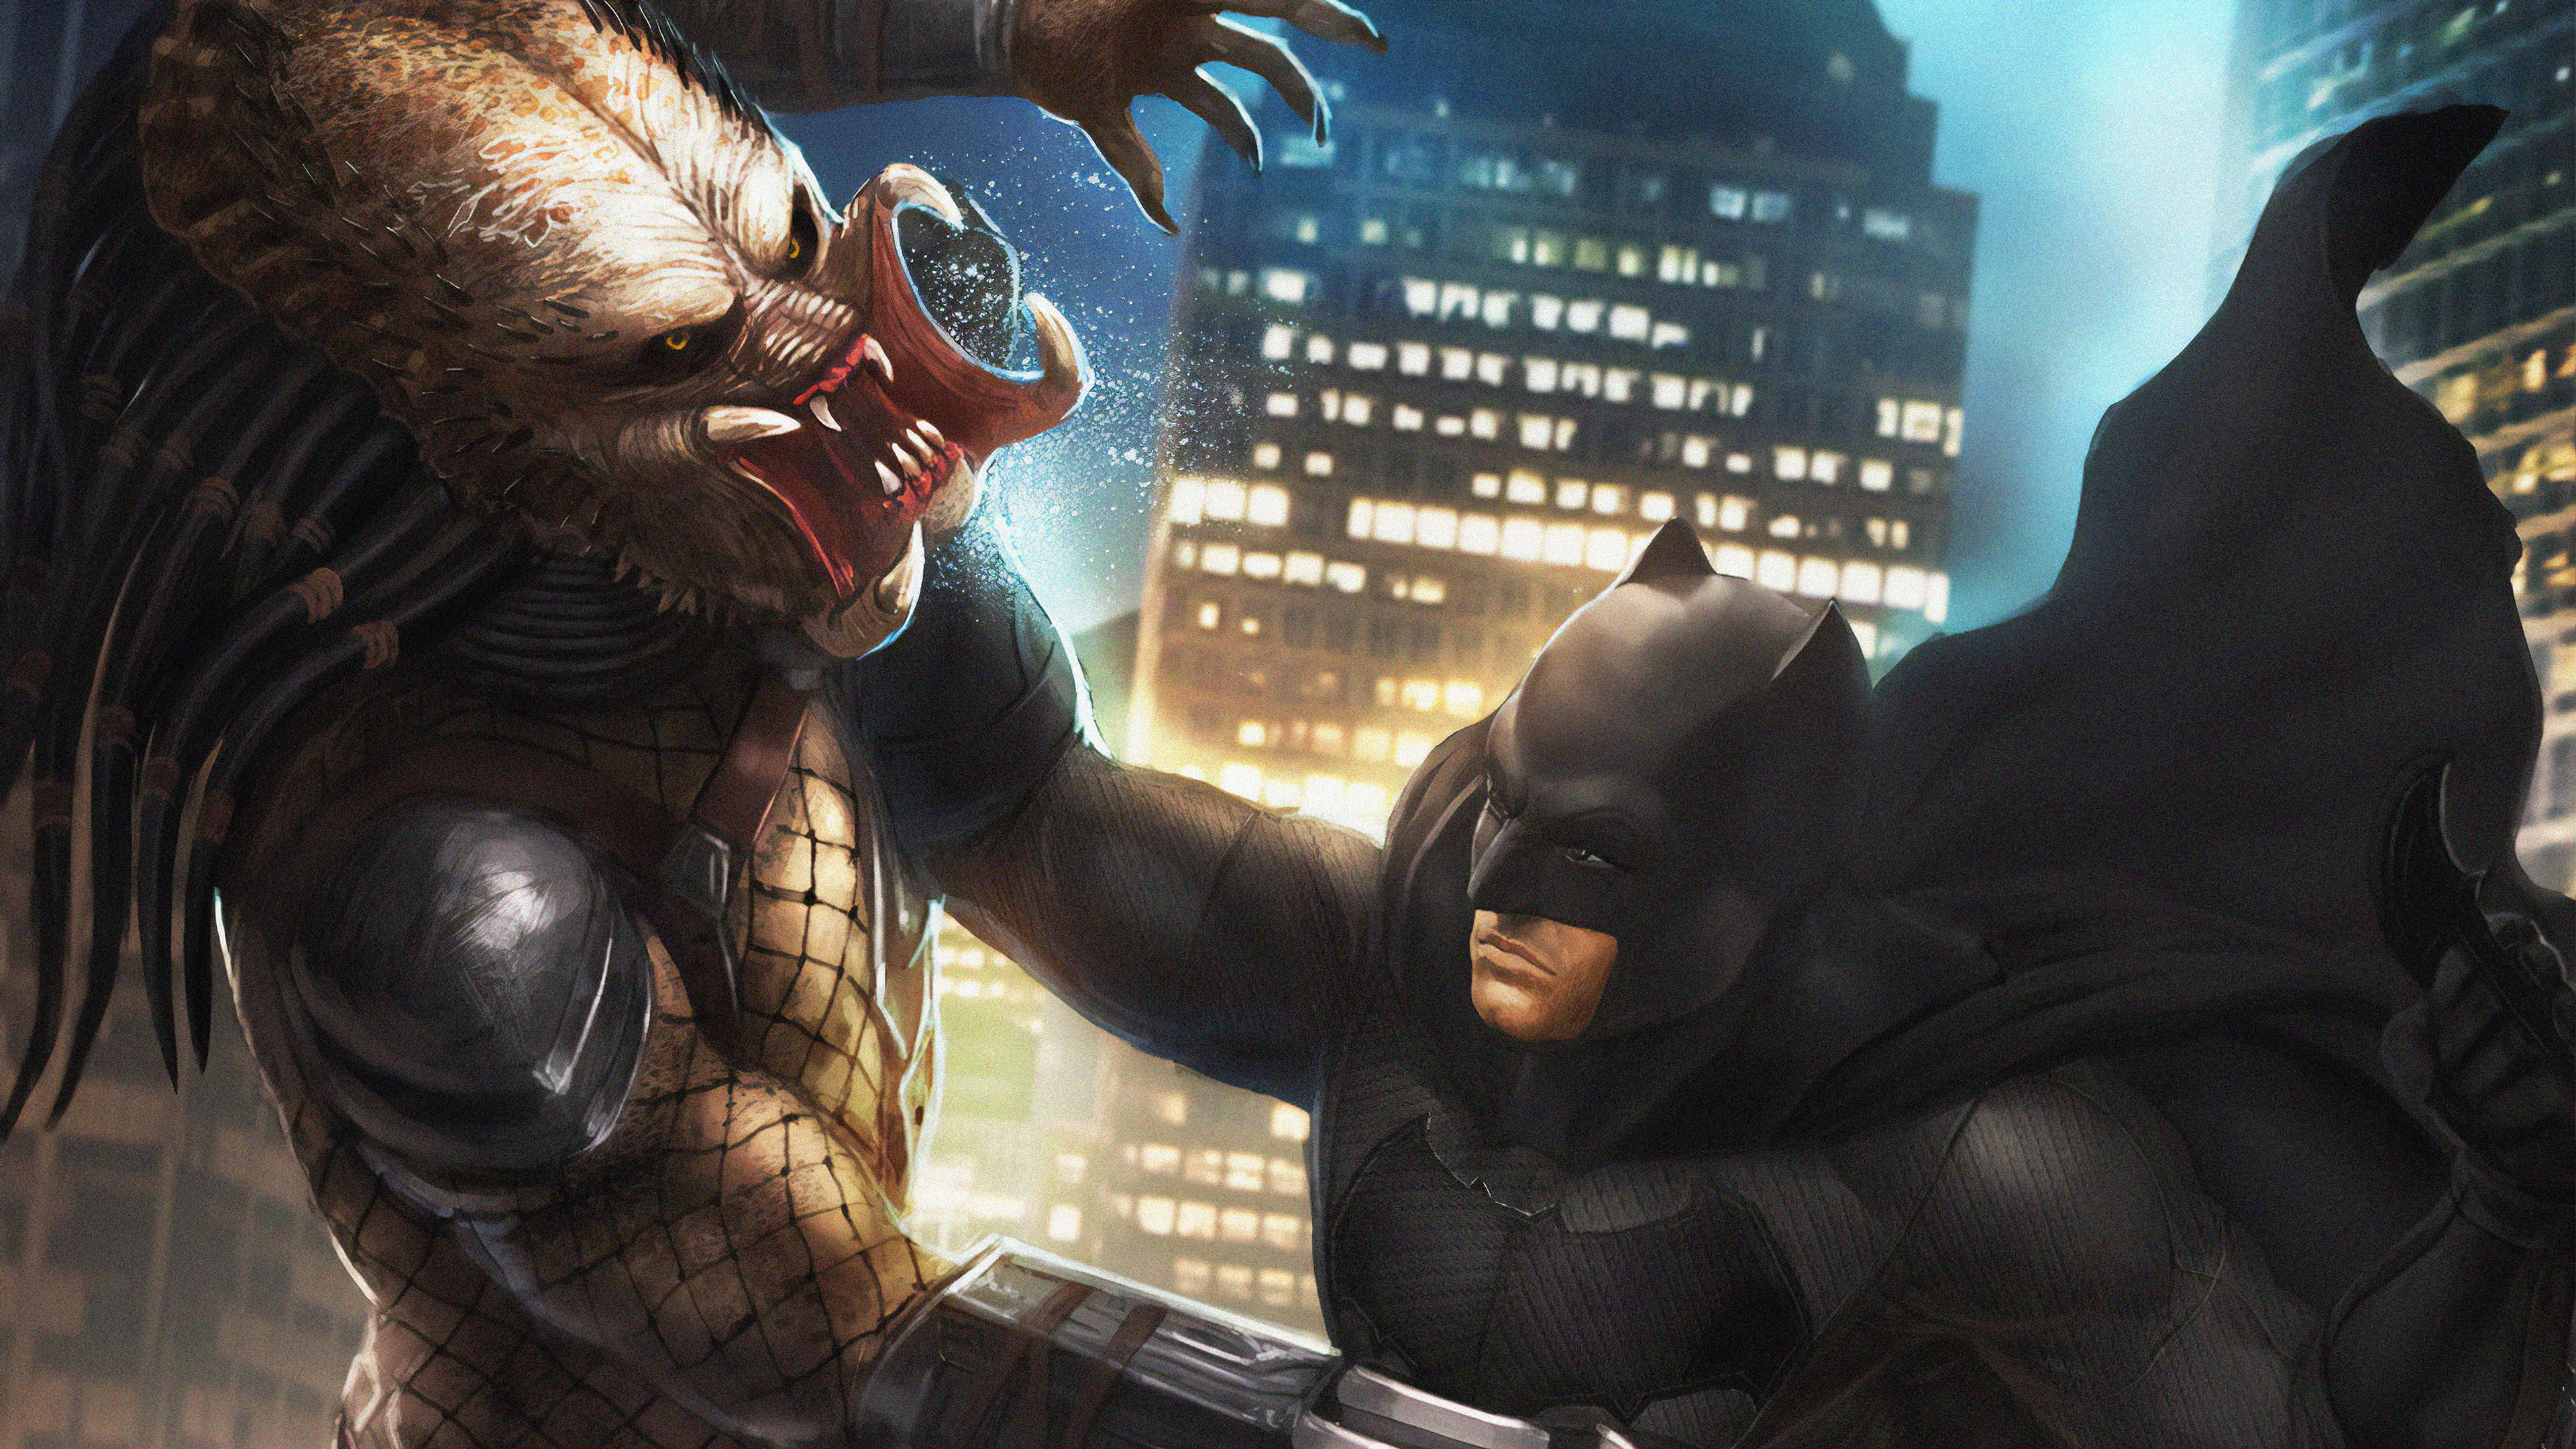 predator vs batman 1563220286 - Predator Vs Batman - superheroes wallpapers, predator wallpapers, hd-wallpapers, digital art wallpapers, batman wallpapers, artwork wallpapers, 4k-wallpapers